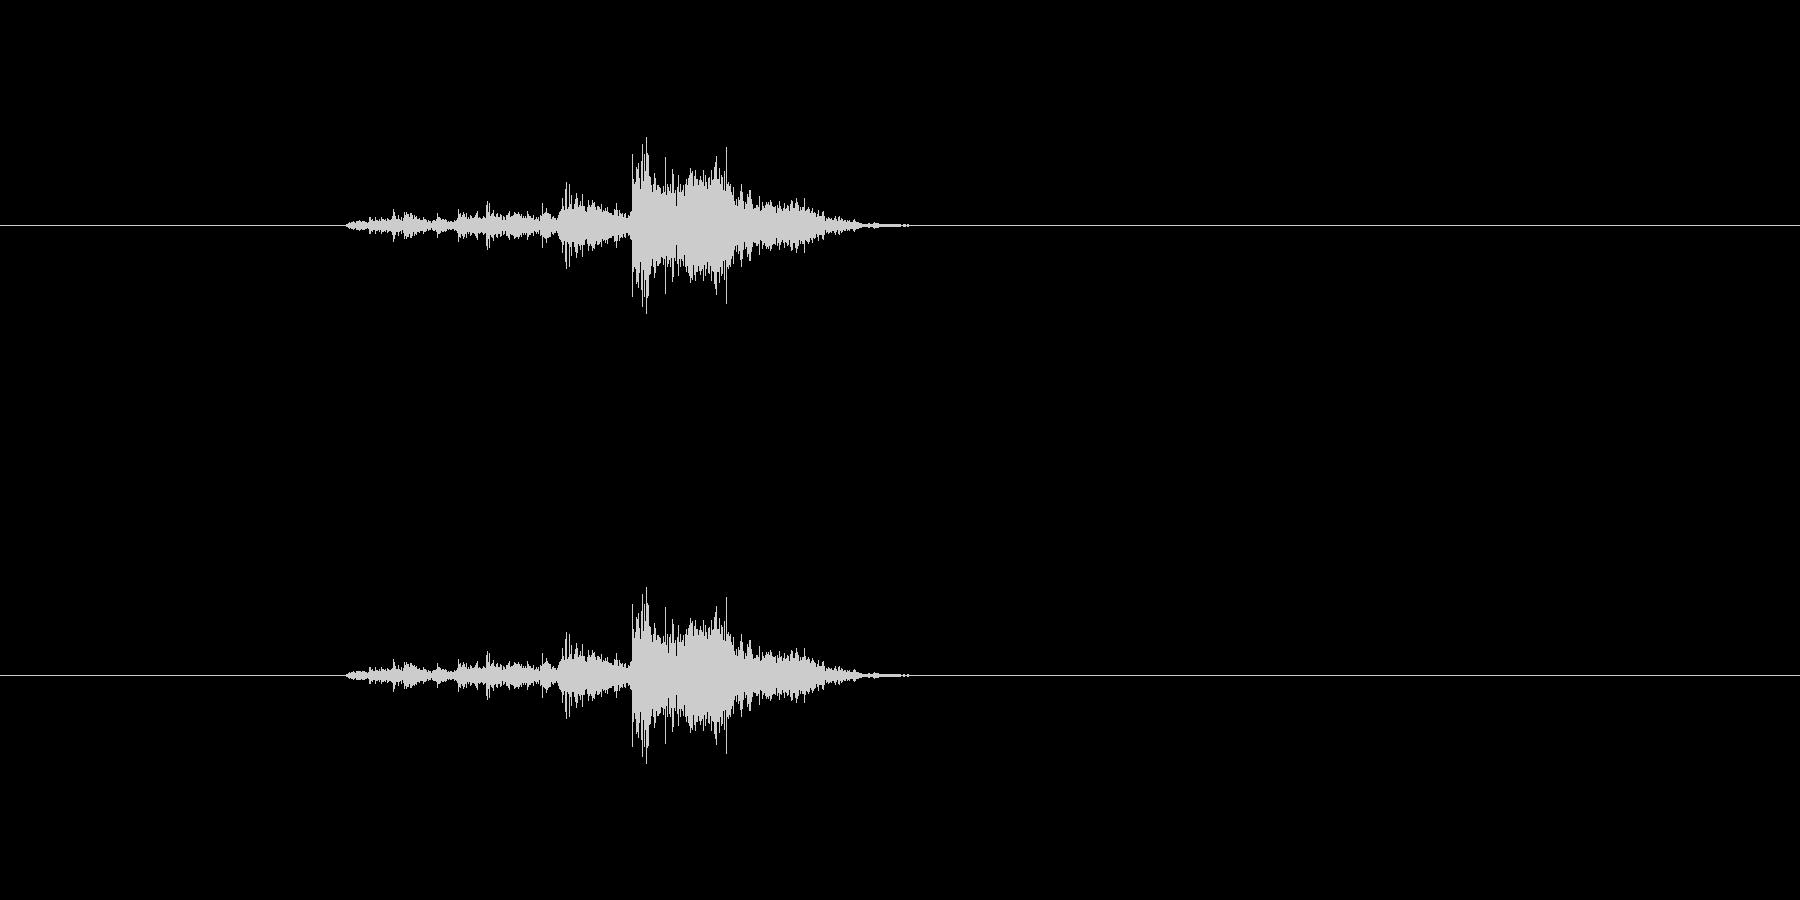 チャリッ(金属音、武器を装備したりの音)の未再生の波形